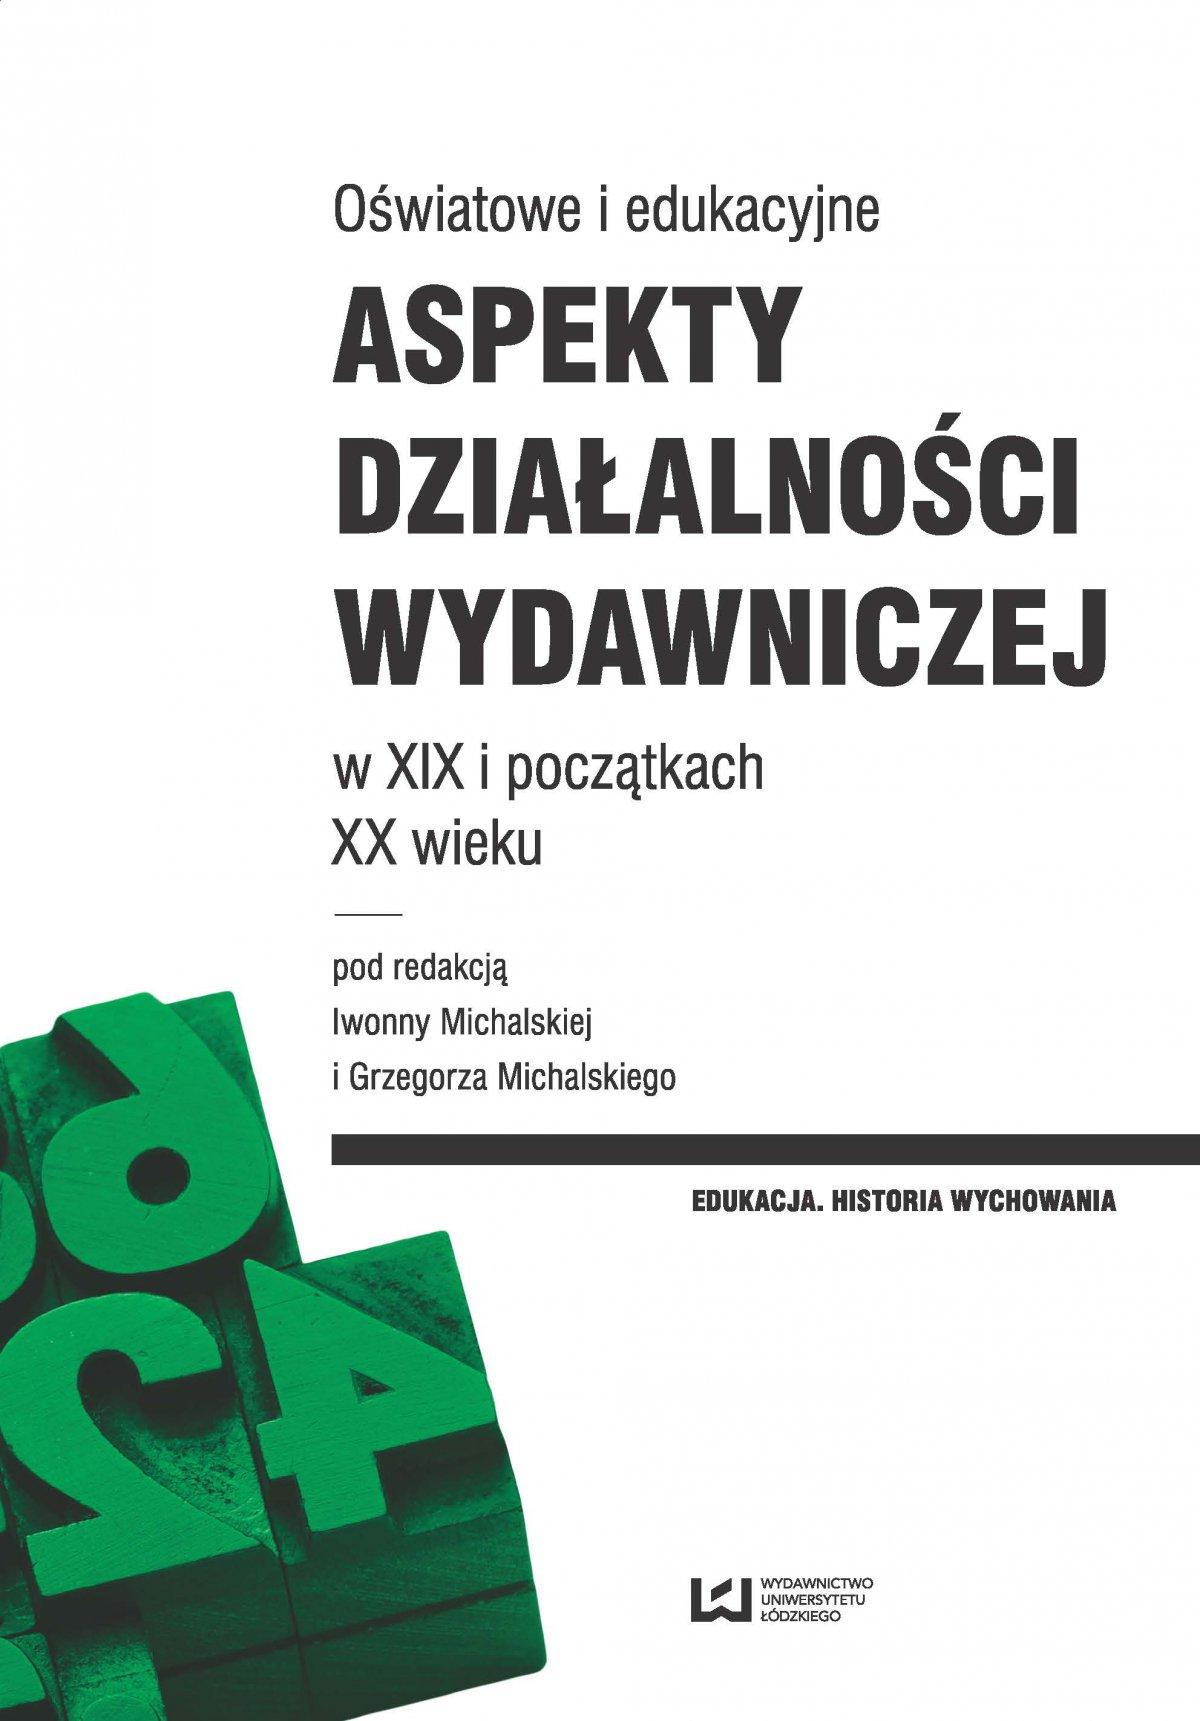 Oświatowe i edukacyjne aspekty działalności wydawniczej w XIX i początkach XX wieku - Ebook (Książka PDF) do pobrania w formacie PDF